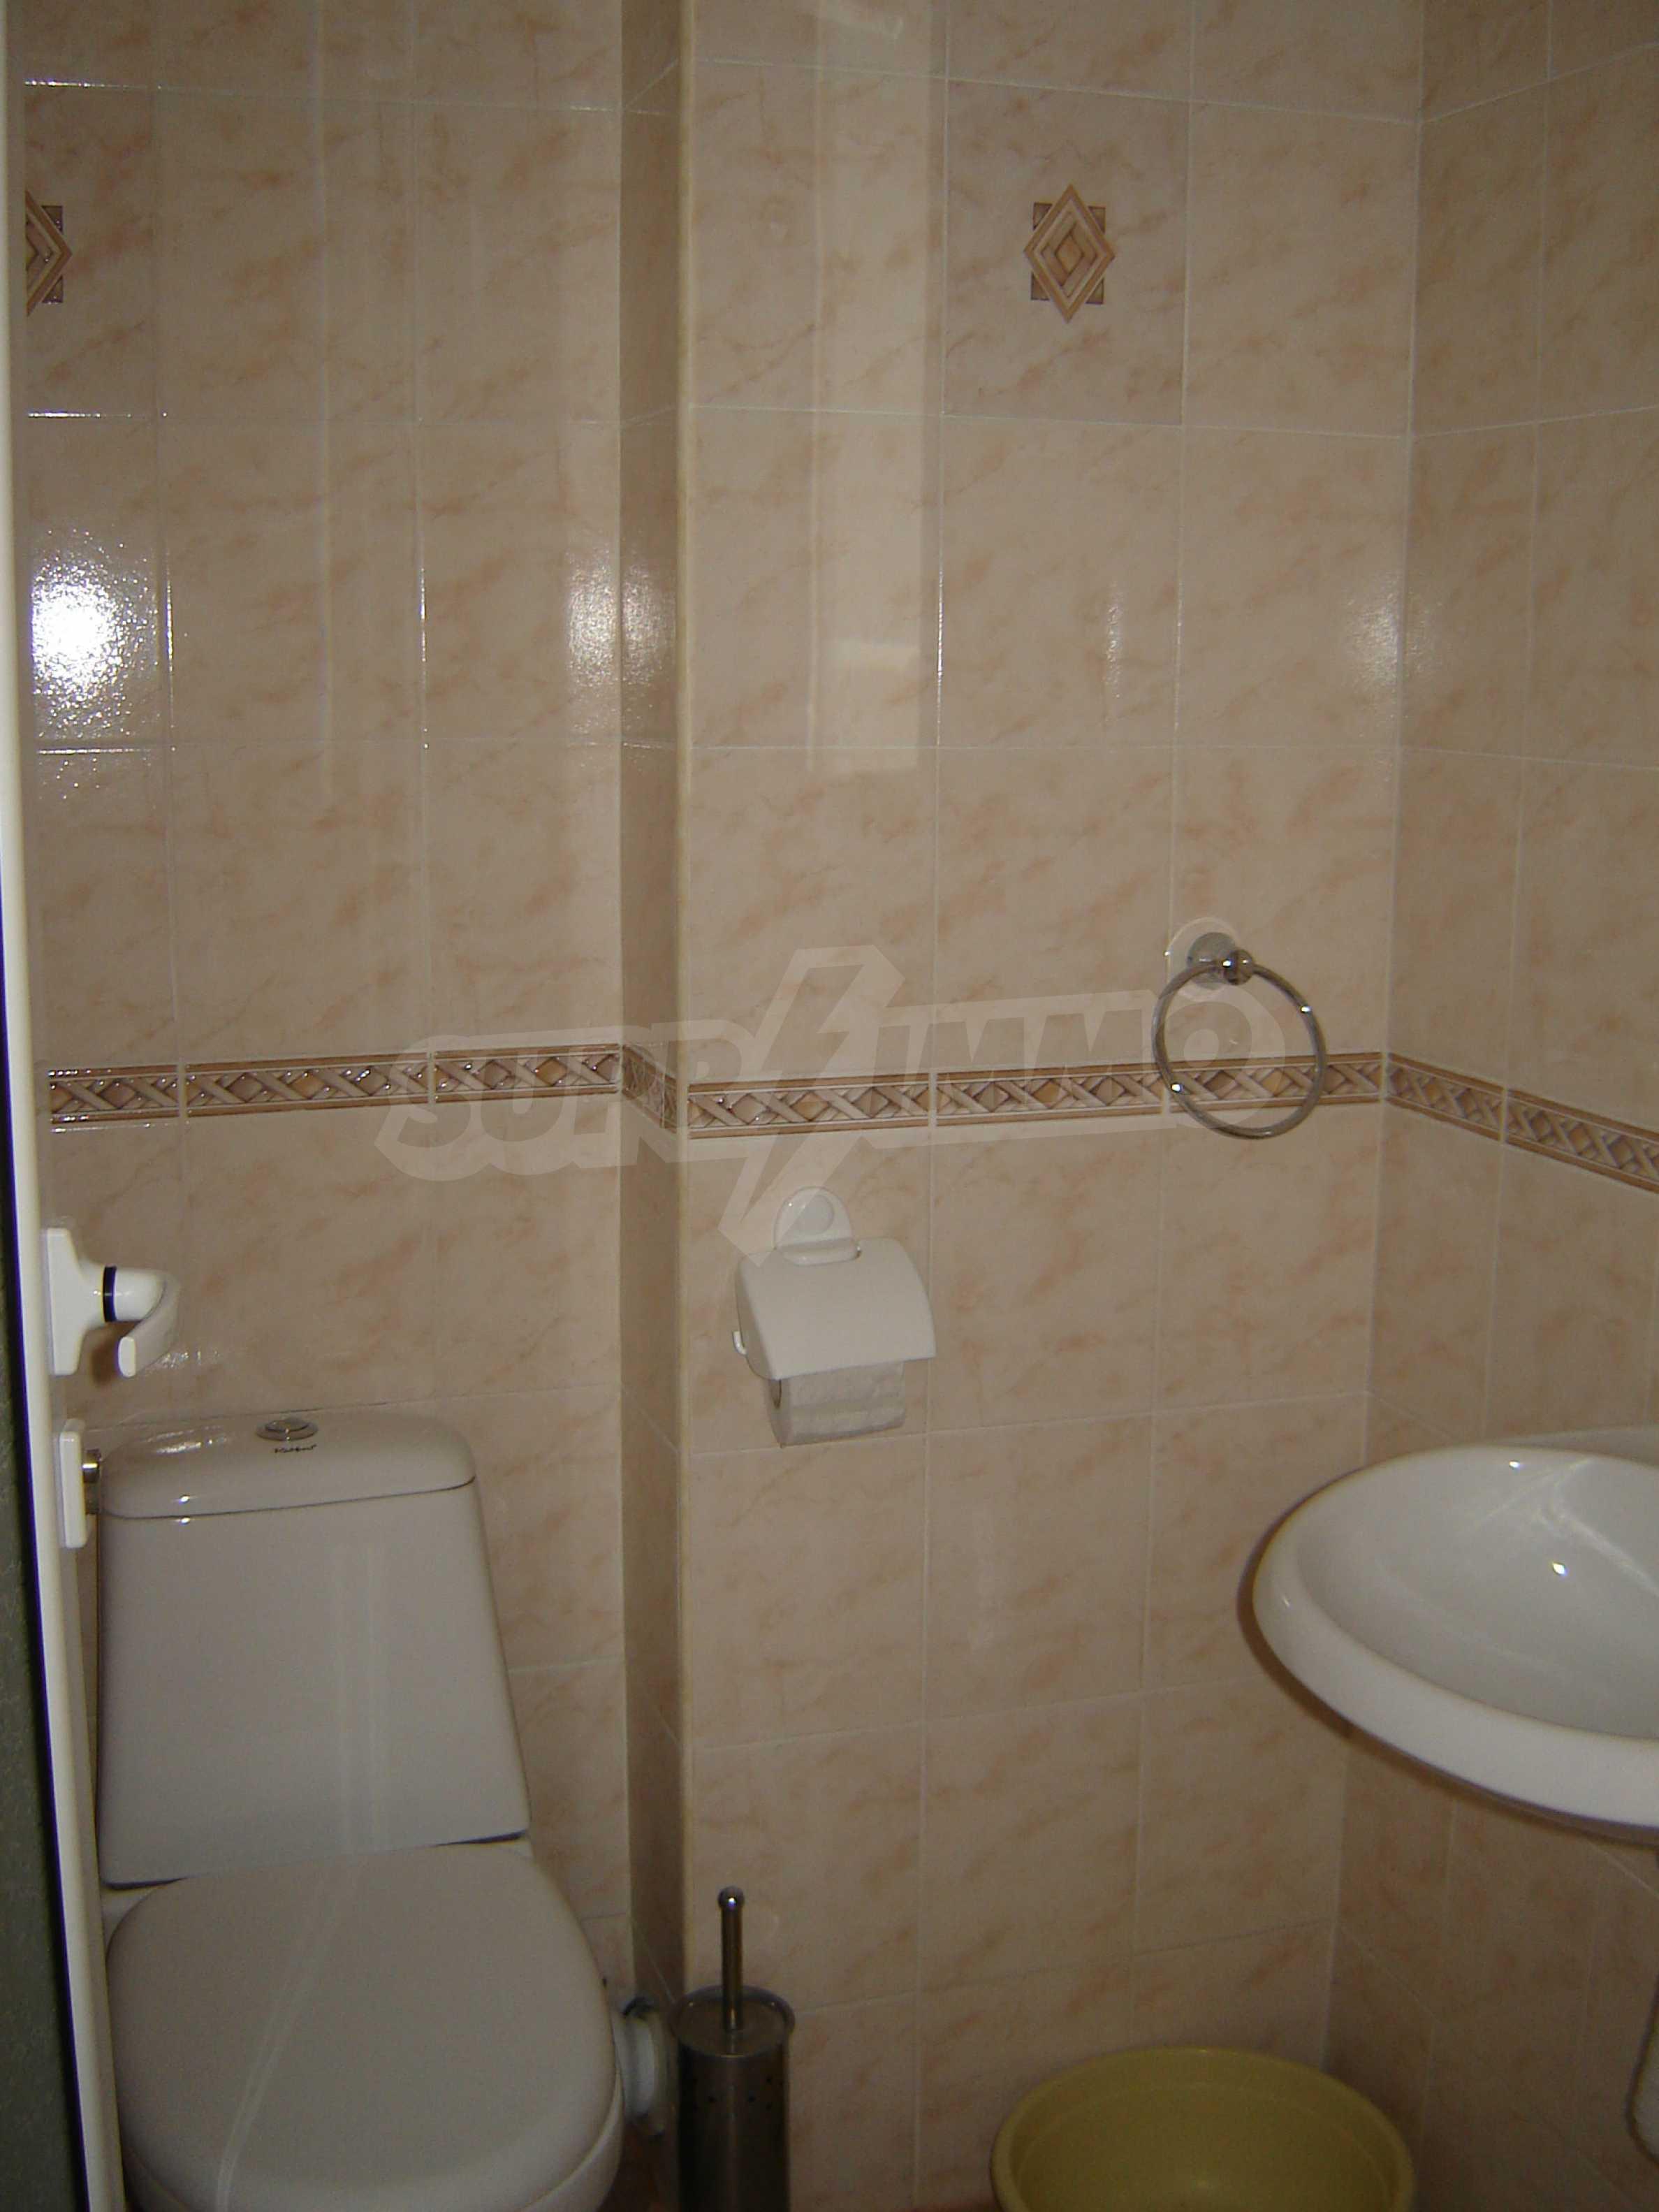 House of family hotel type for sale in Primorsko 16